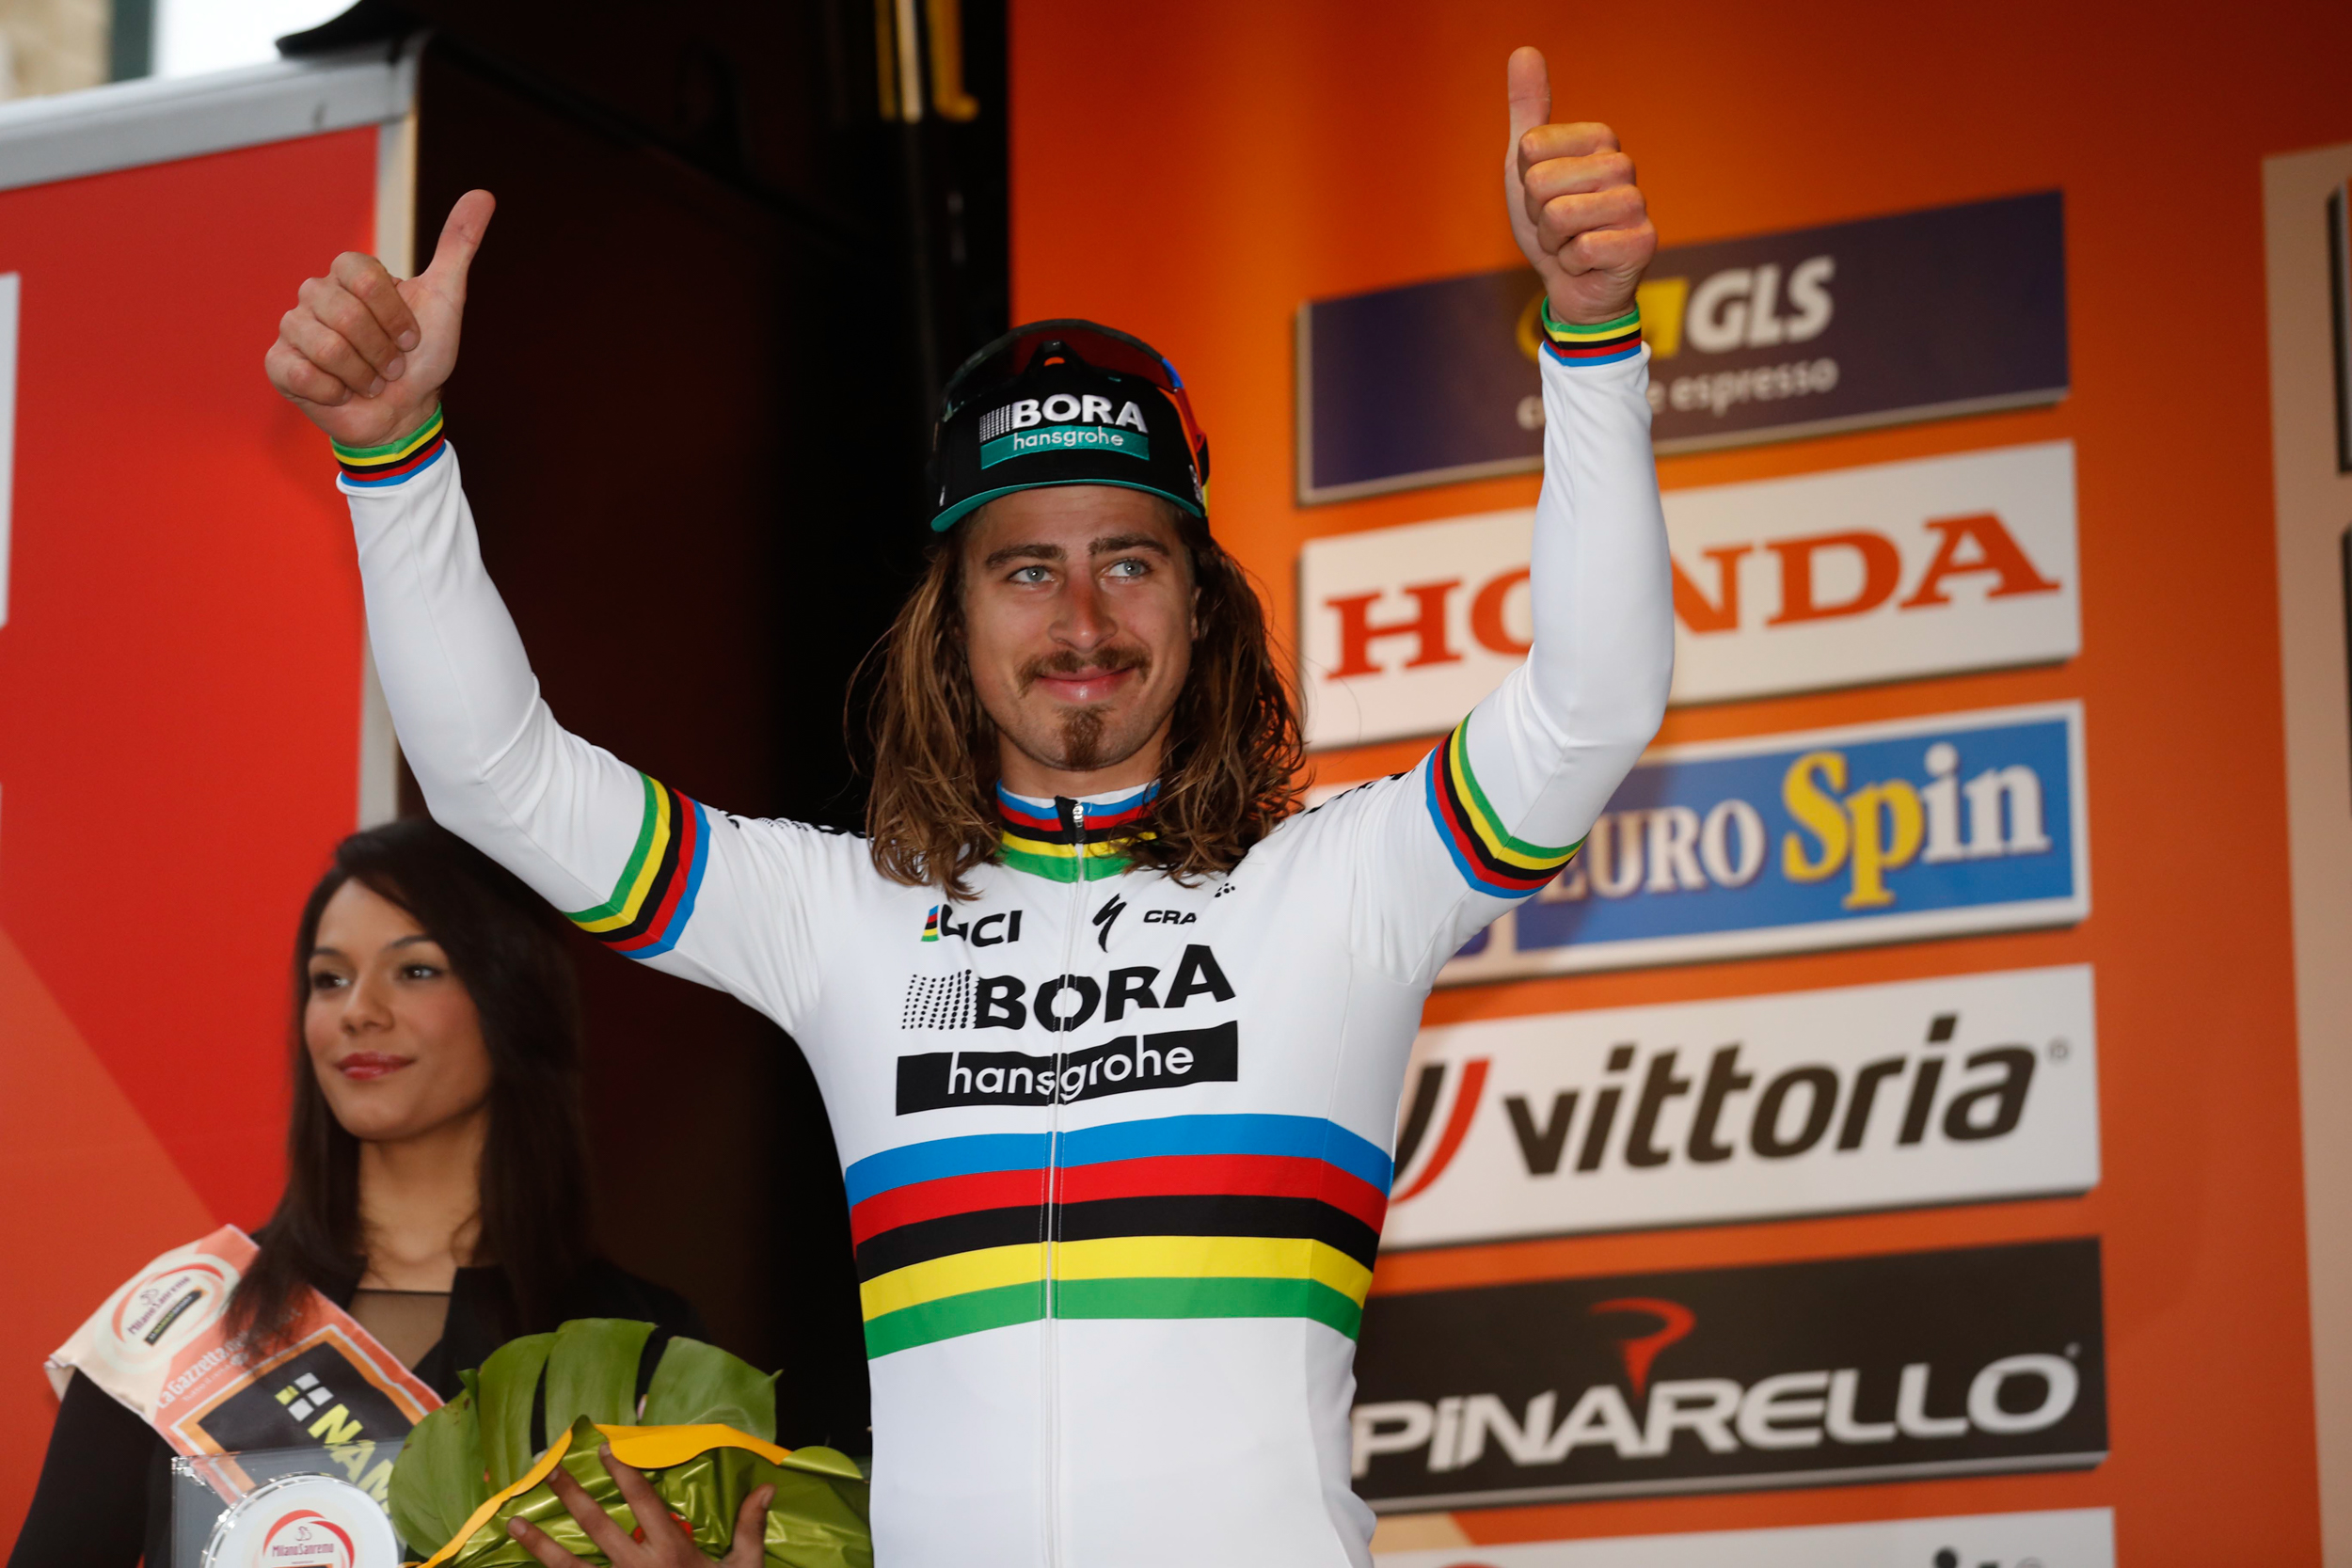 Noch guten Mutes: Peter Sagan vor dem Start bei Mailand - San Remo. (Foto: © BORA-hansgrohe / Stiehl Photography )